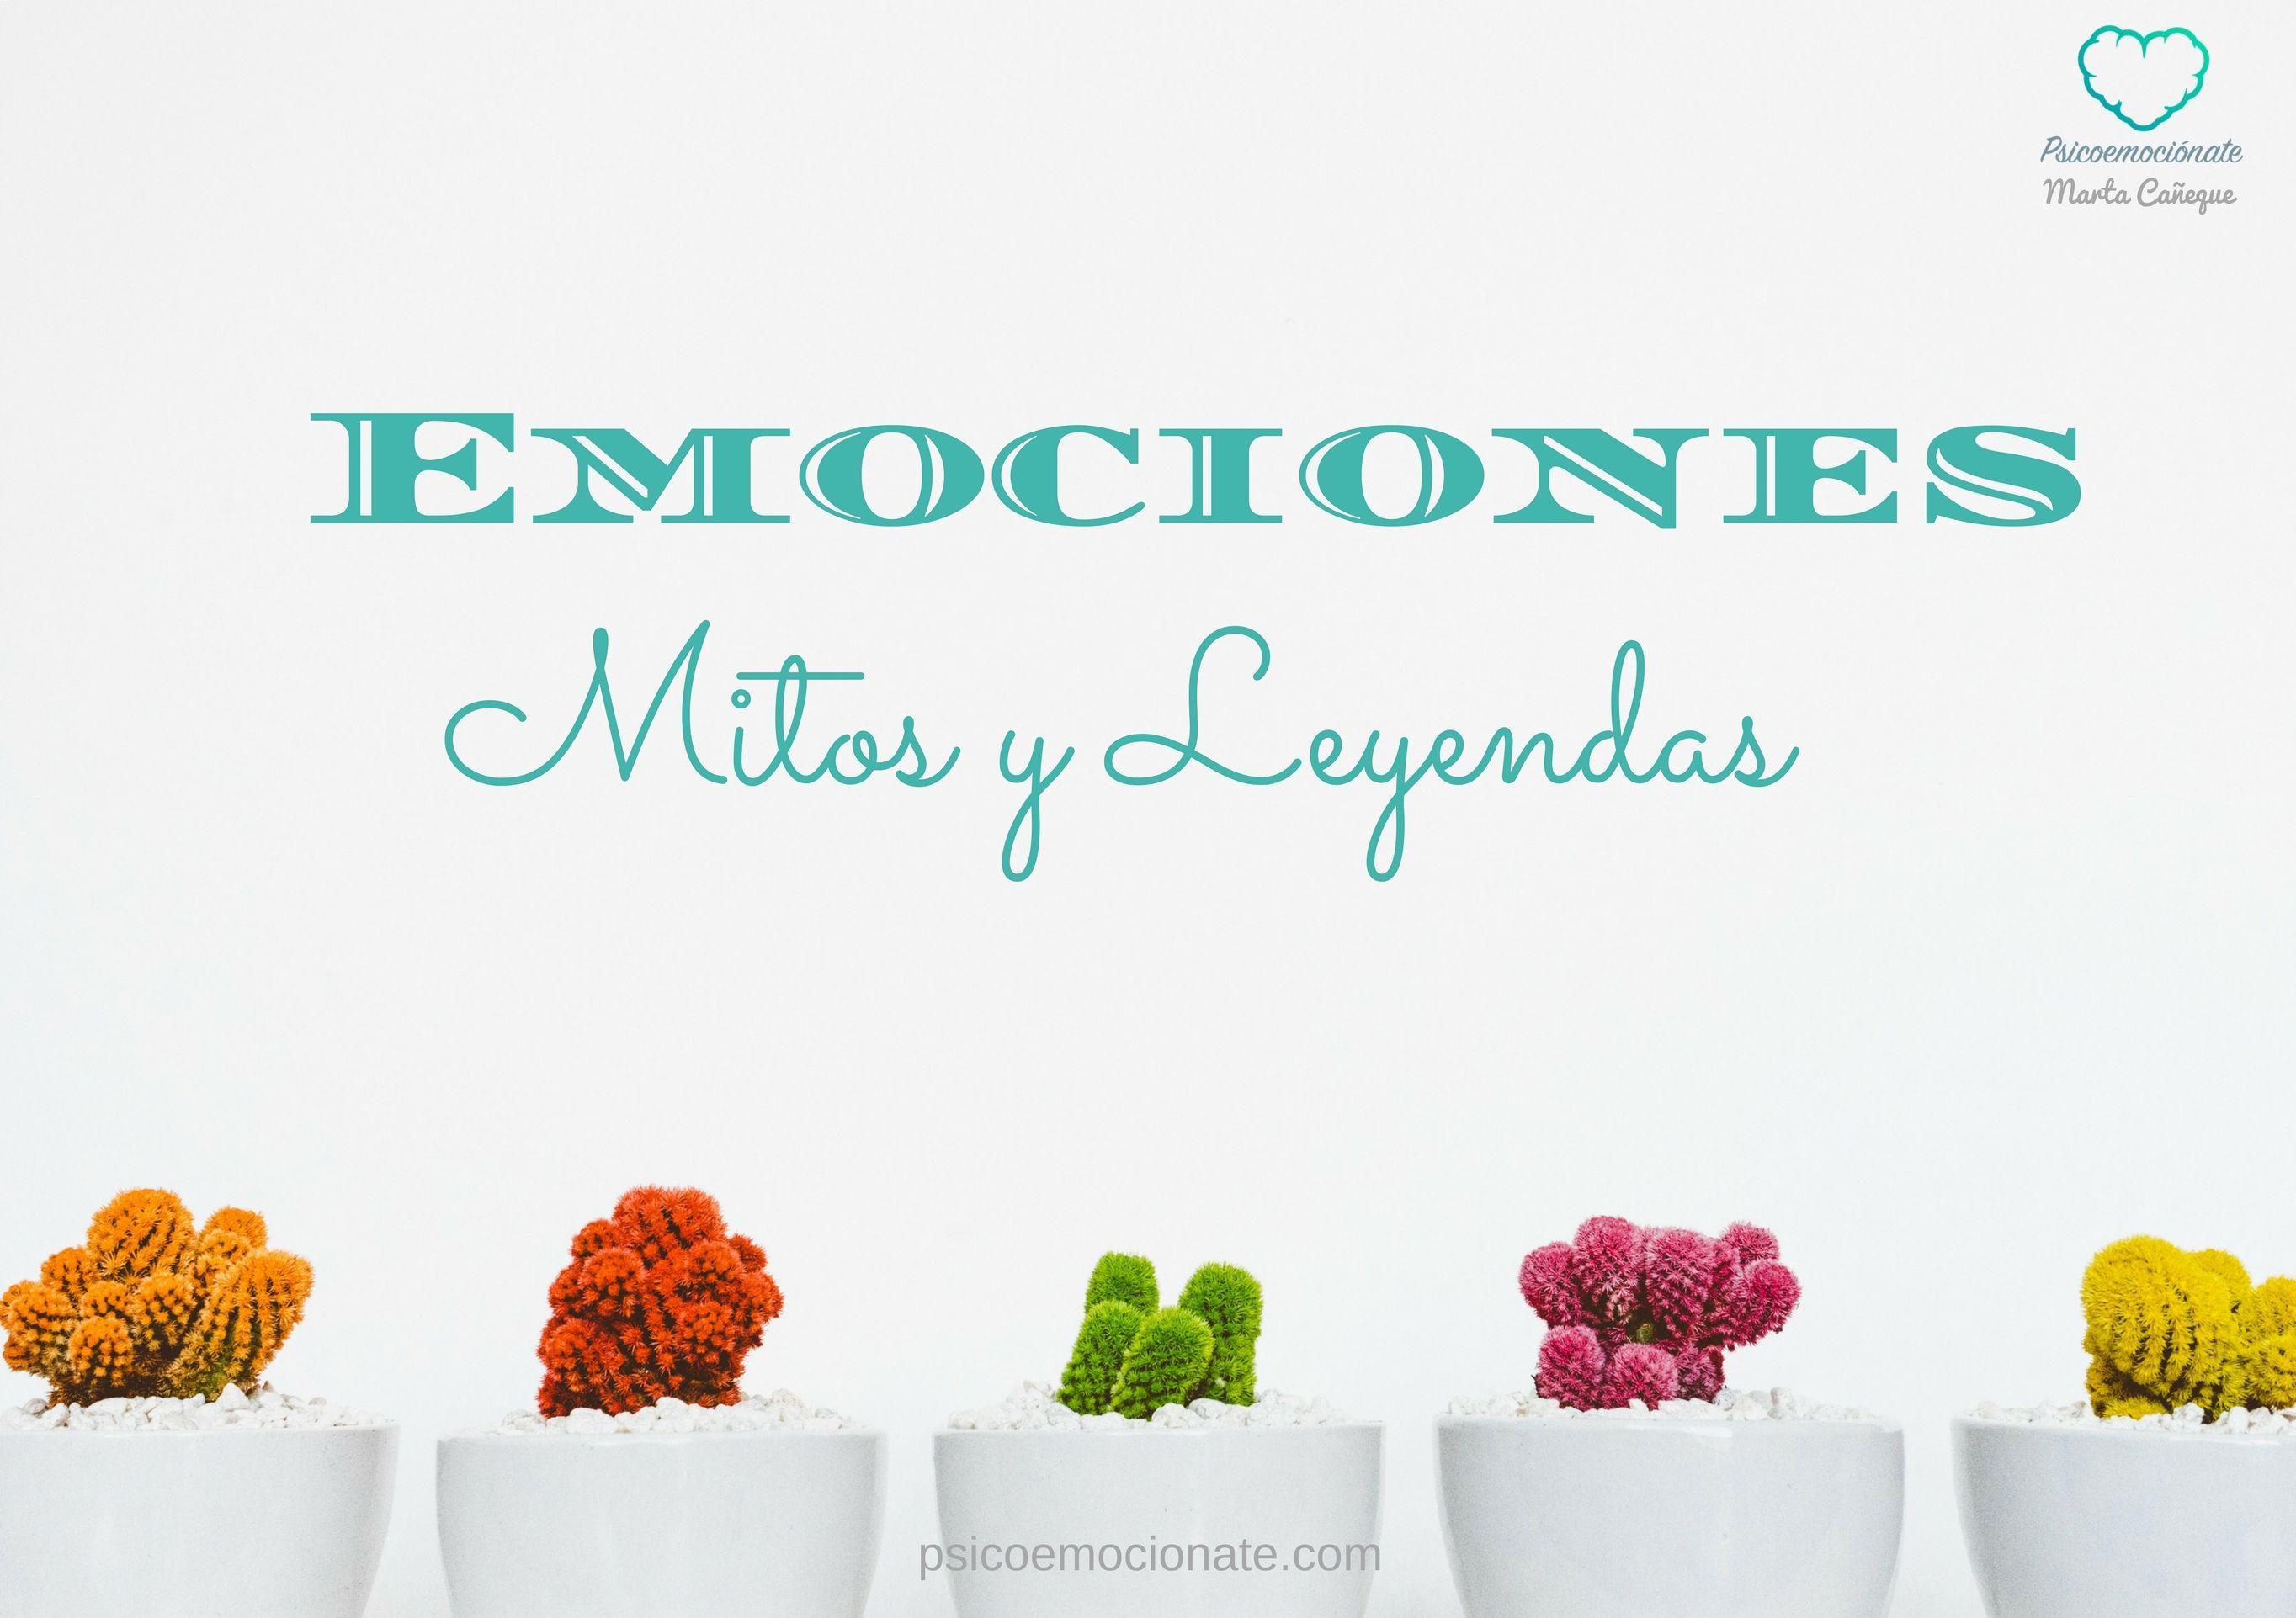 Emociones Mitos psicoemocionate